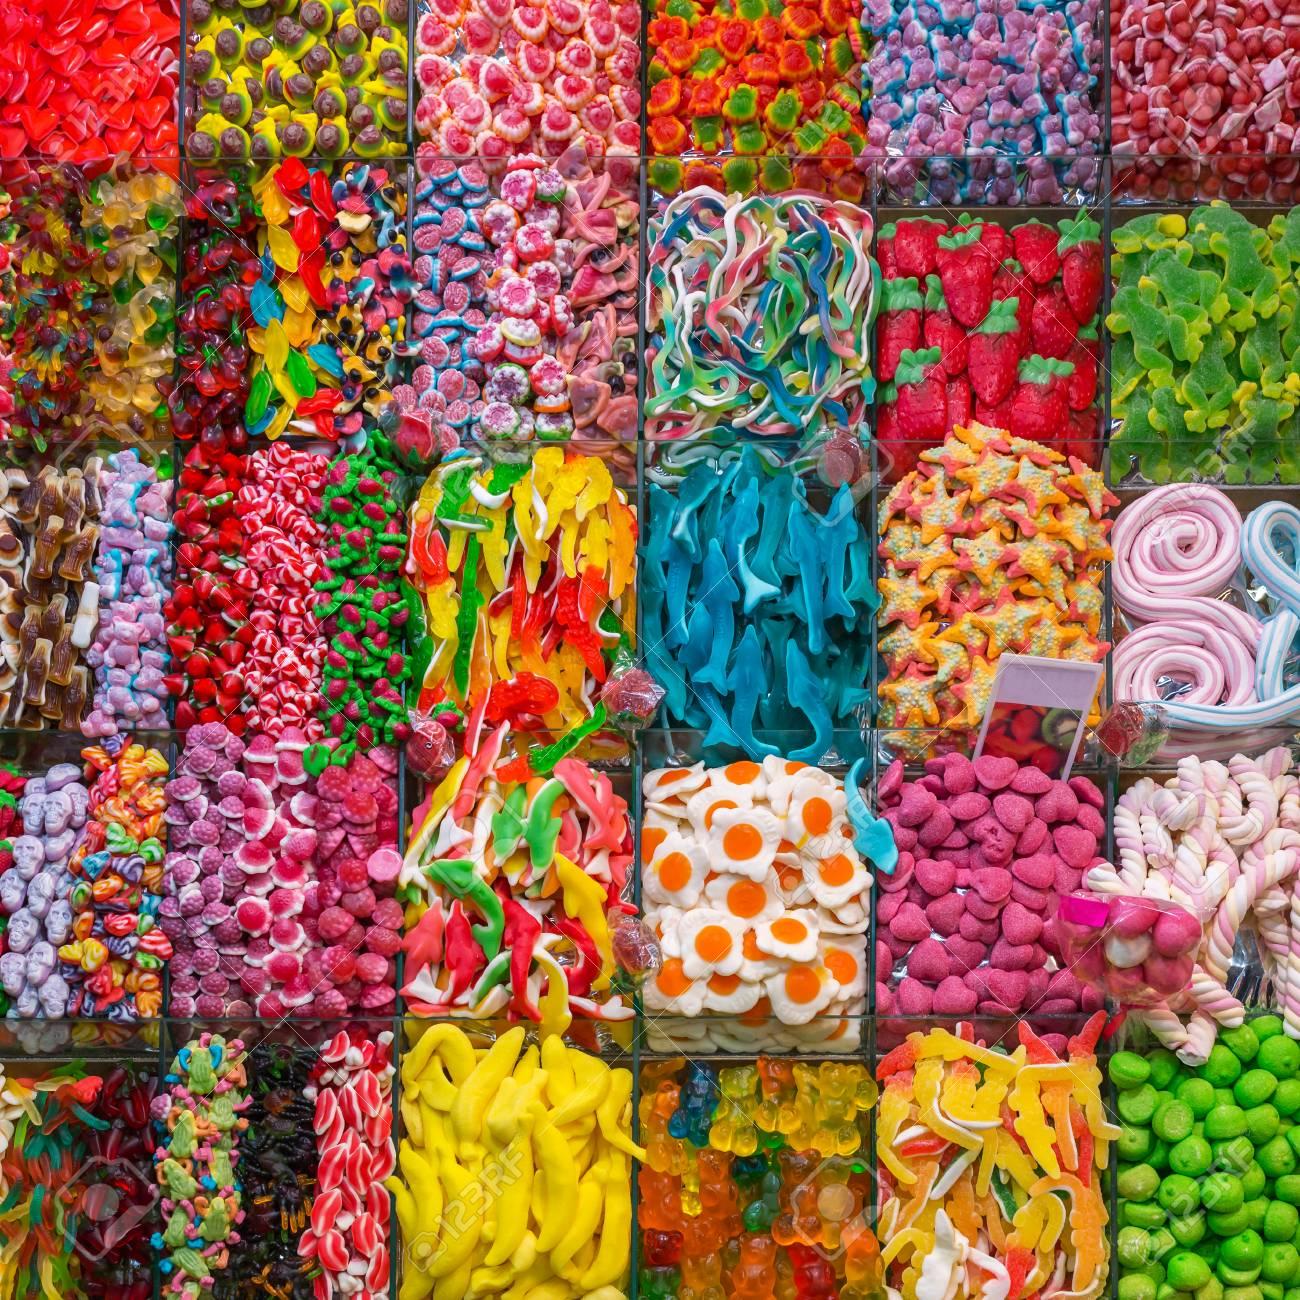 أكثر أنواع الحلويات التي تحتوي على سعرات حرارية عالية